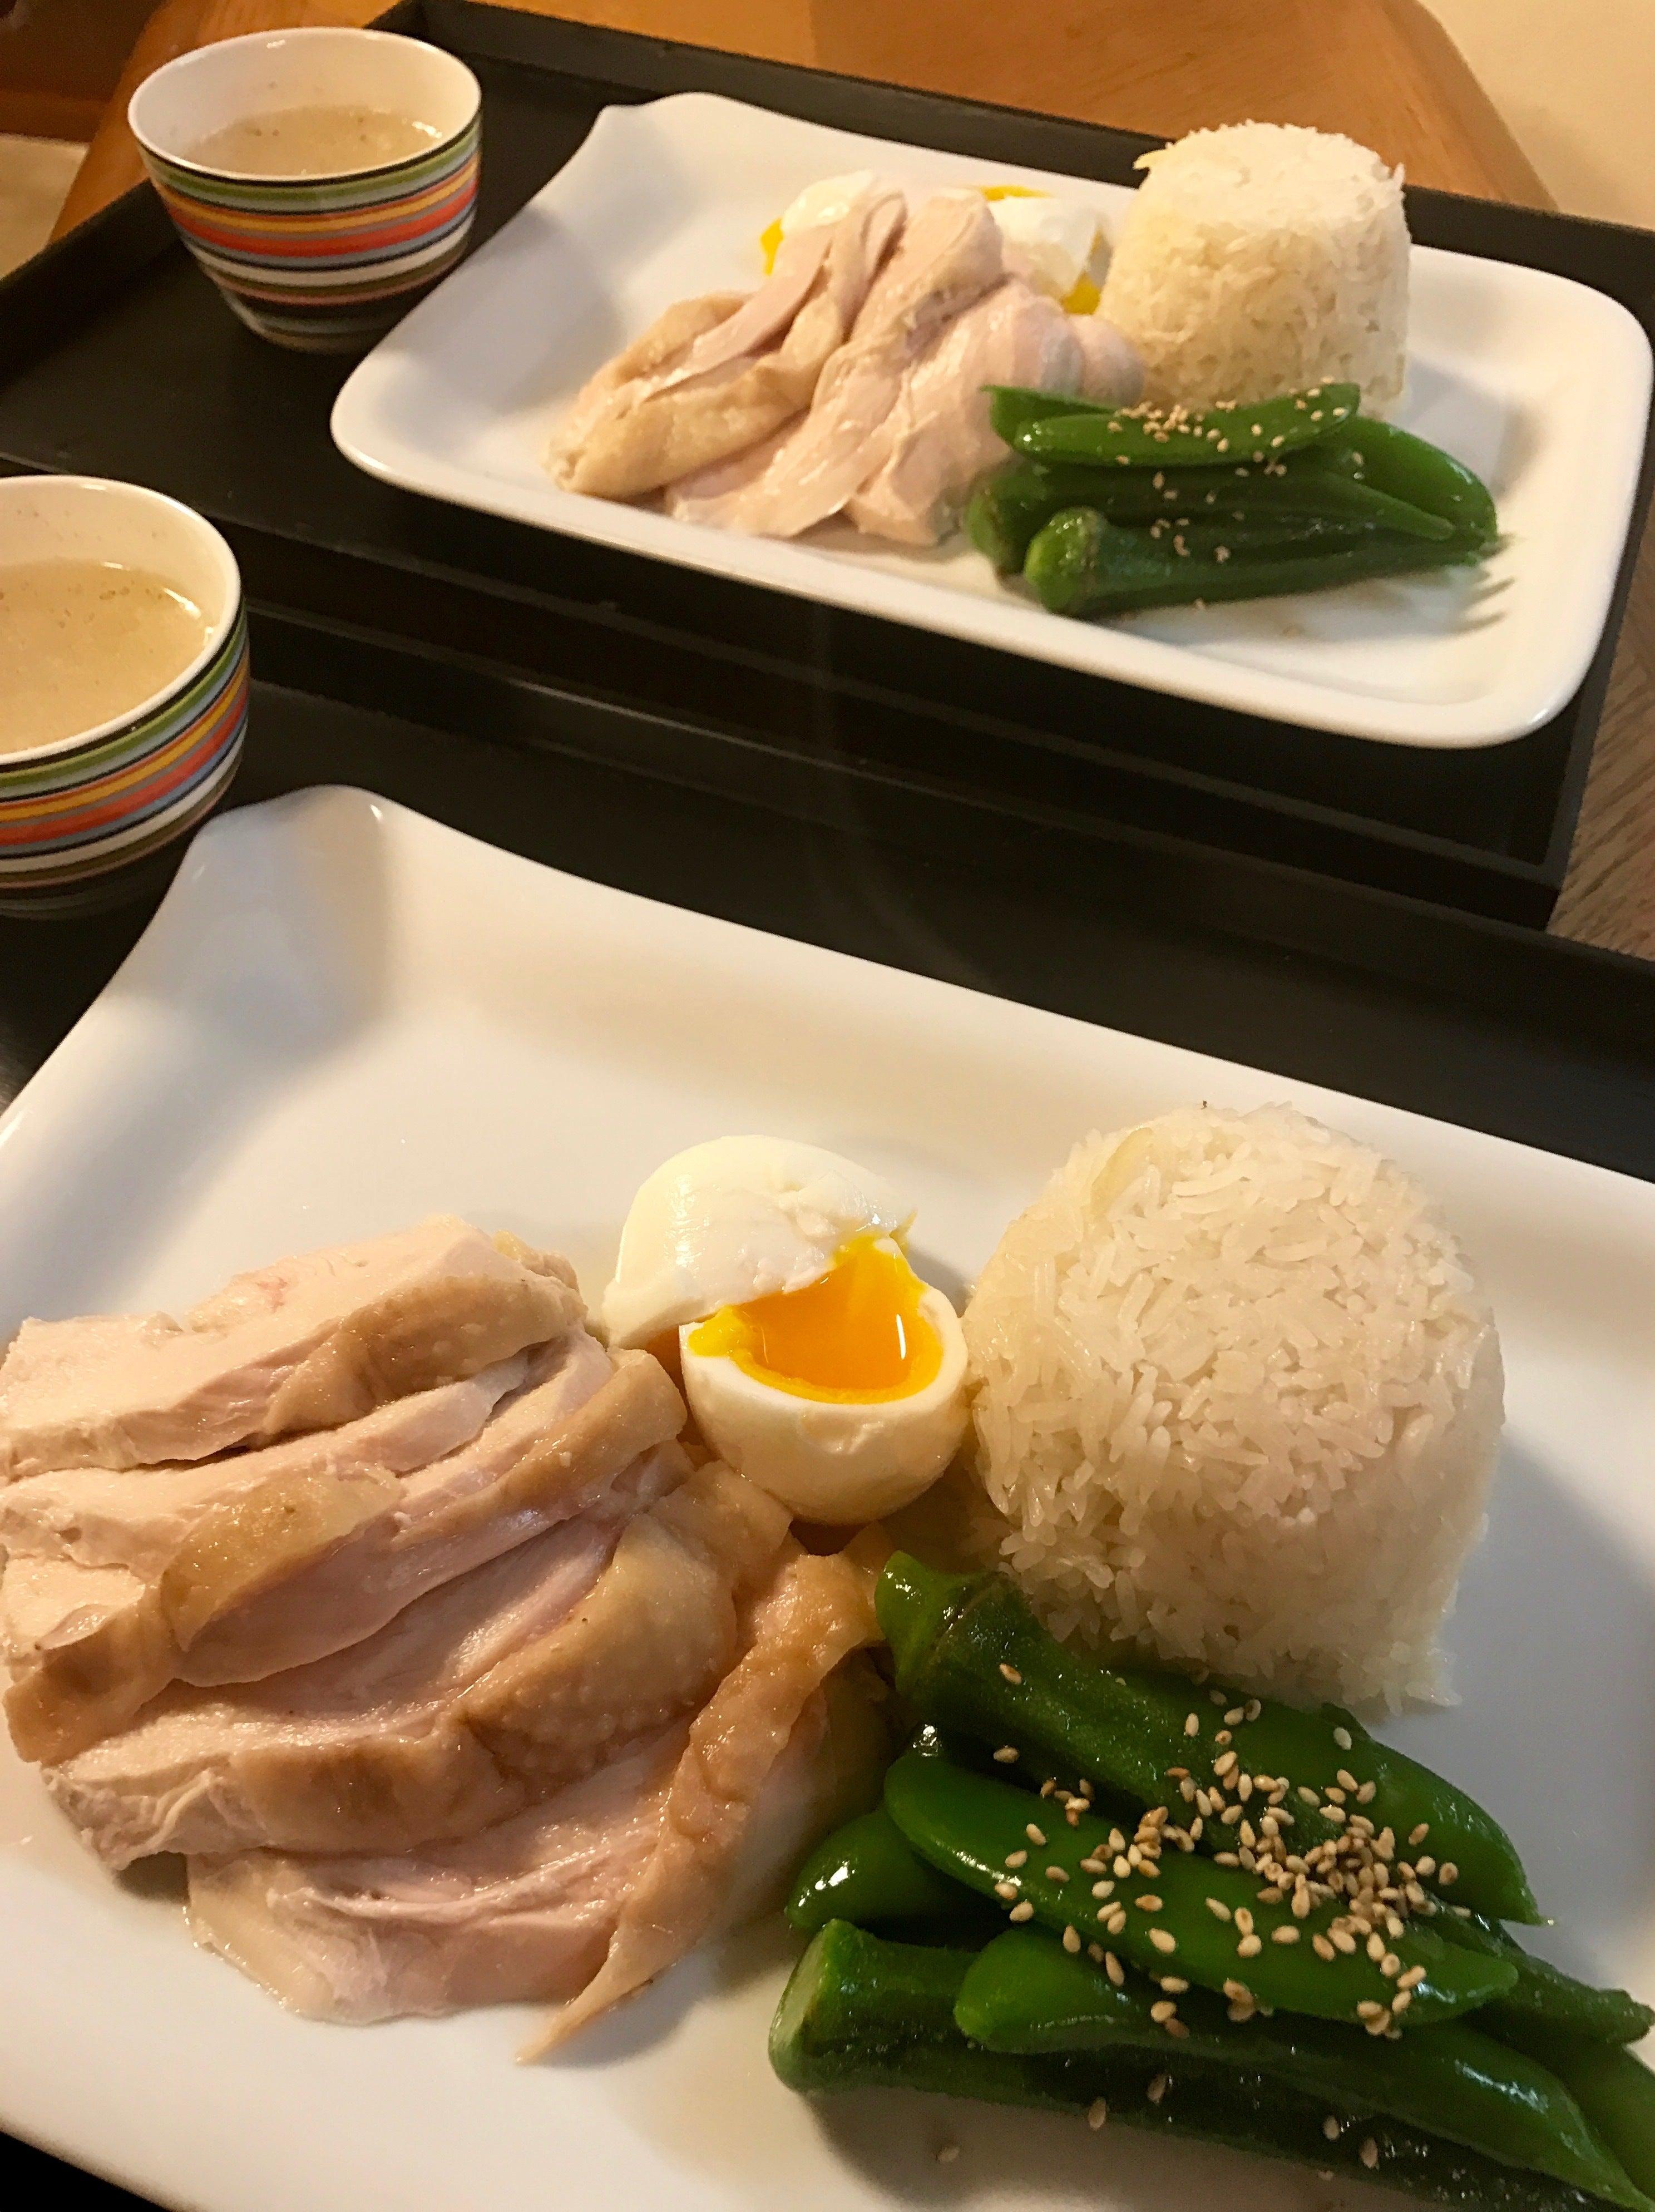 Kyoko's Yummy Happy Tableしっとりむね肉でシンガポールチキンライス!